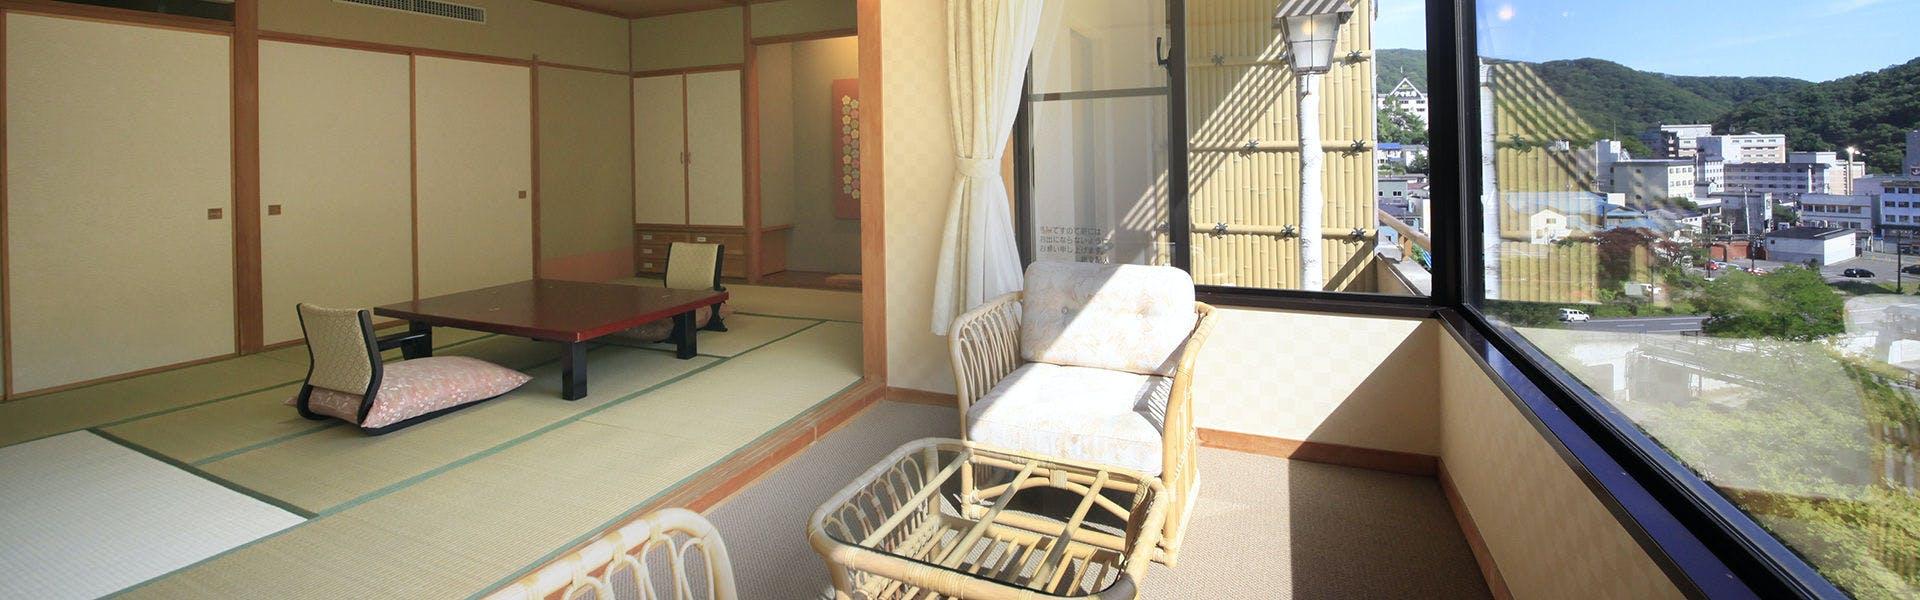 記念日におすすめのホテル・旅亭 花ゆらの写真3